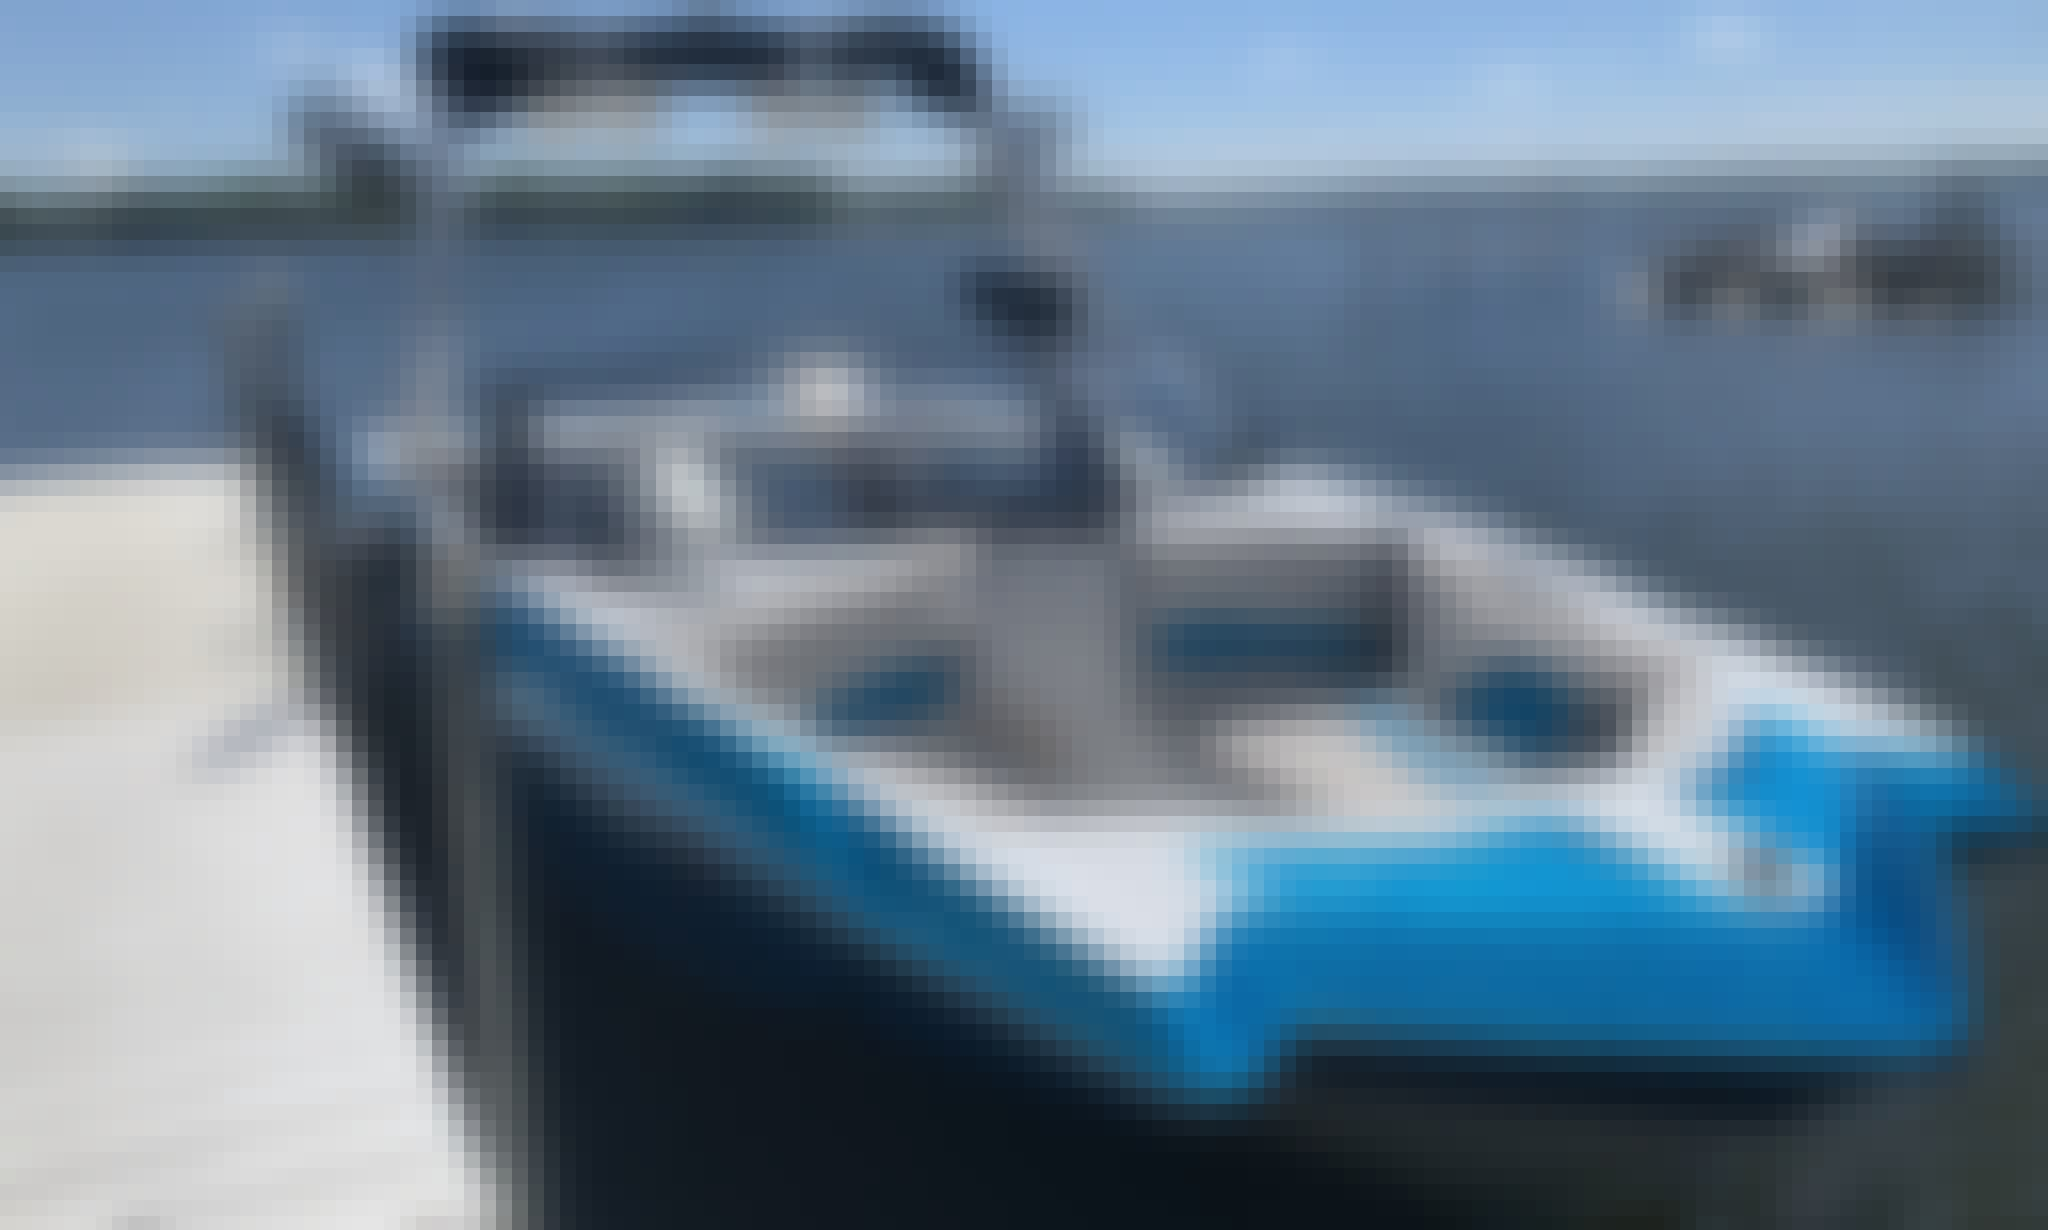 Stylish Axis T22 Wake Surf Boat in Lake Havasu City!